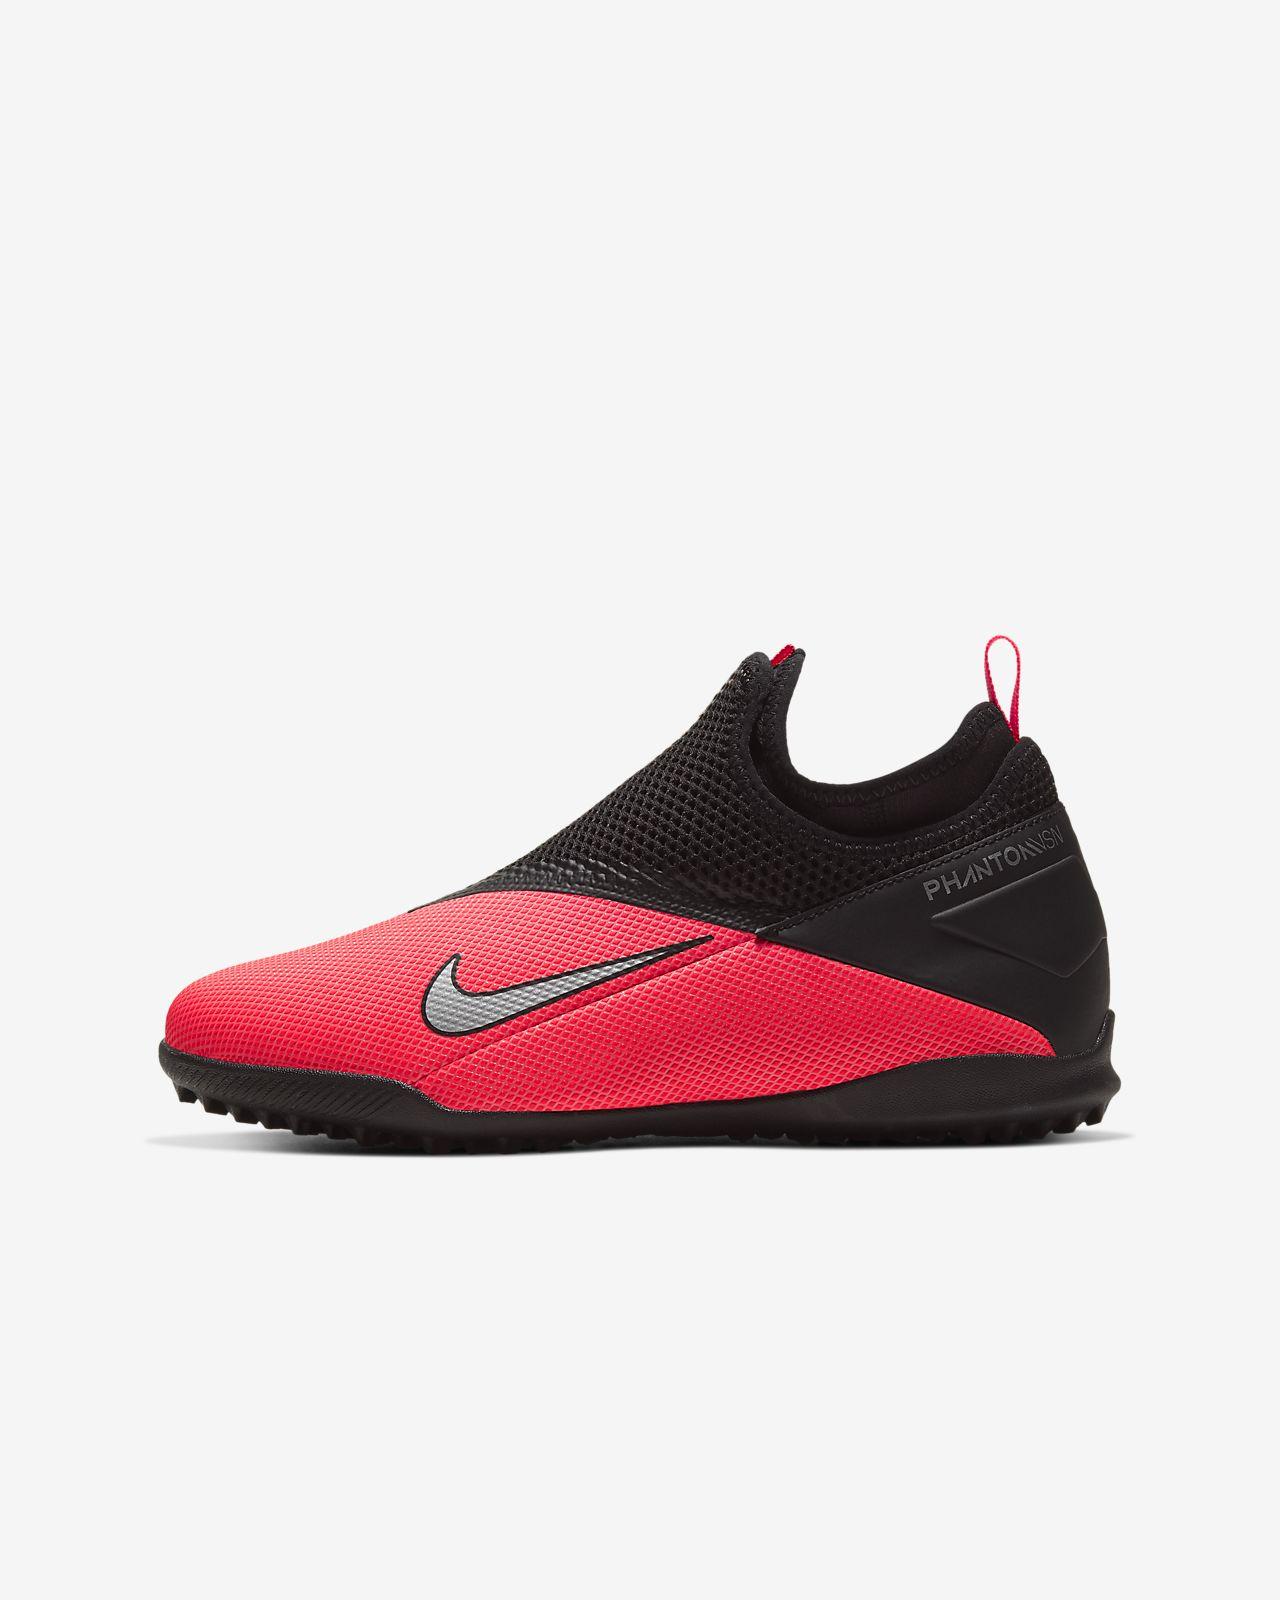 Chaussure de football pour surface synthétique Nike Jr. Phantom Vision 2 Academy Dynamic Fit TF pour Jeune enfant/Enfant plus âgé